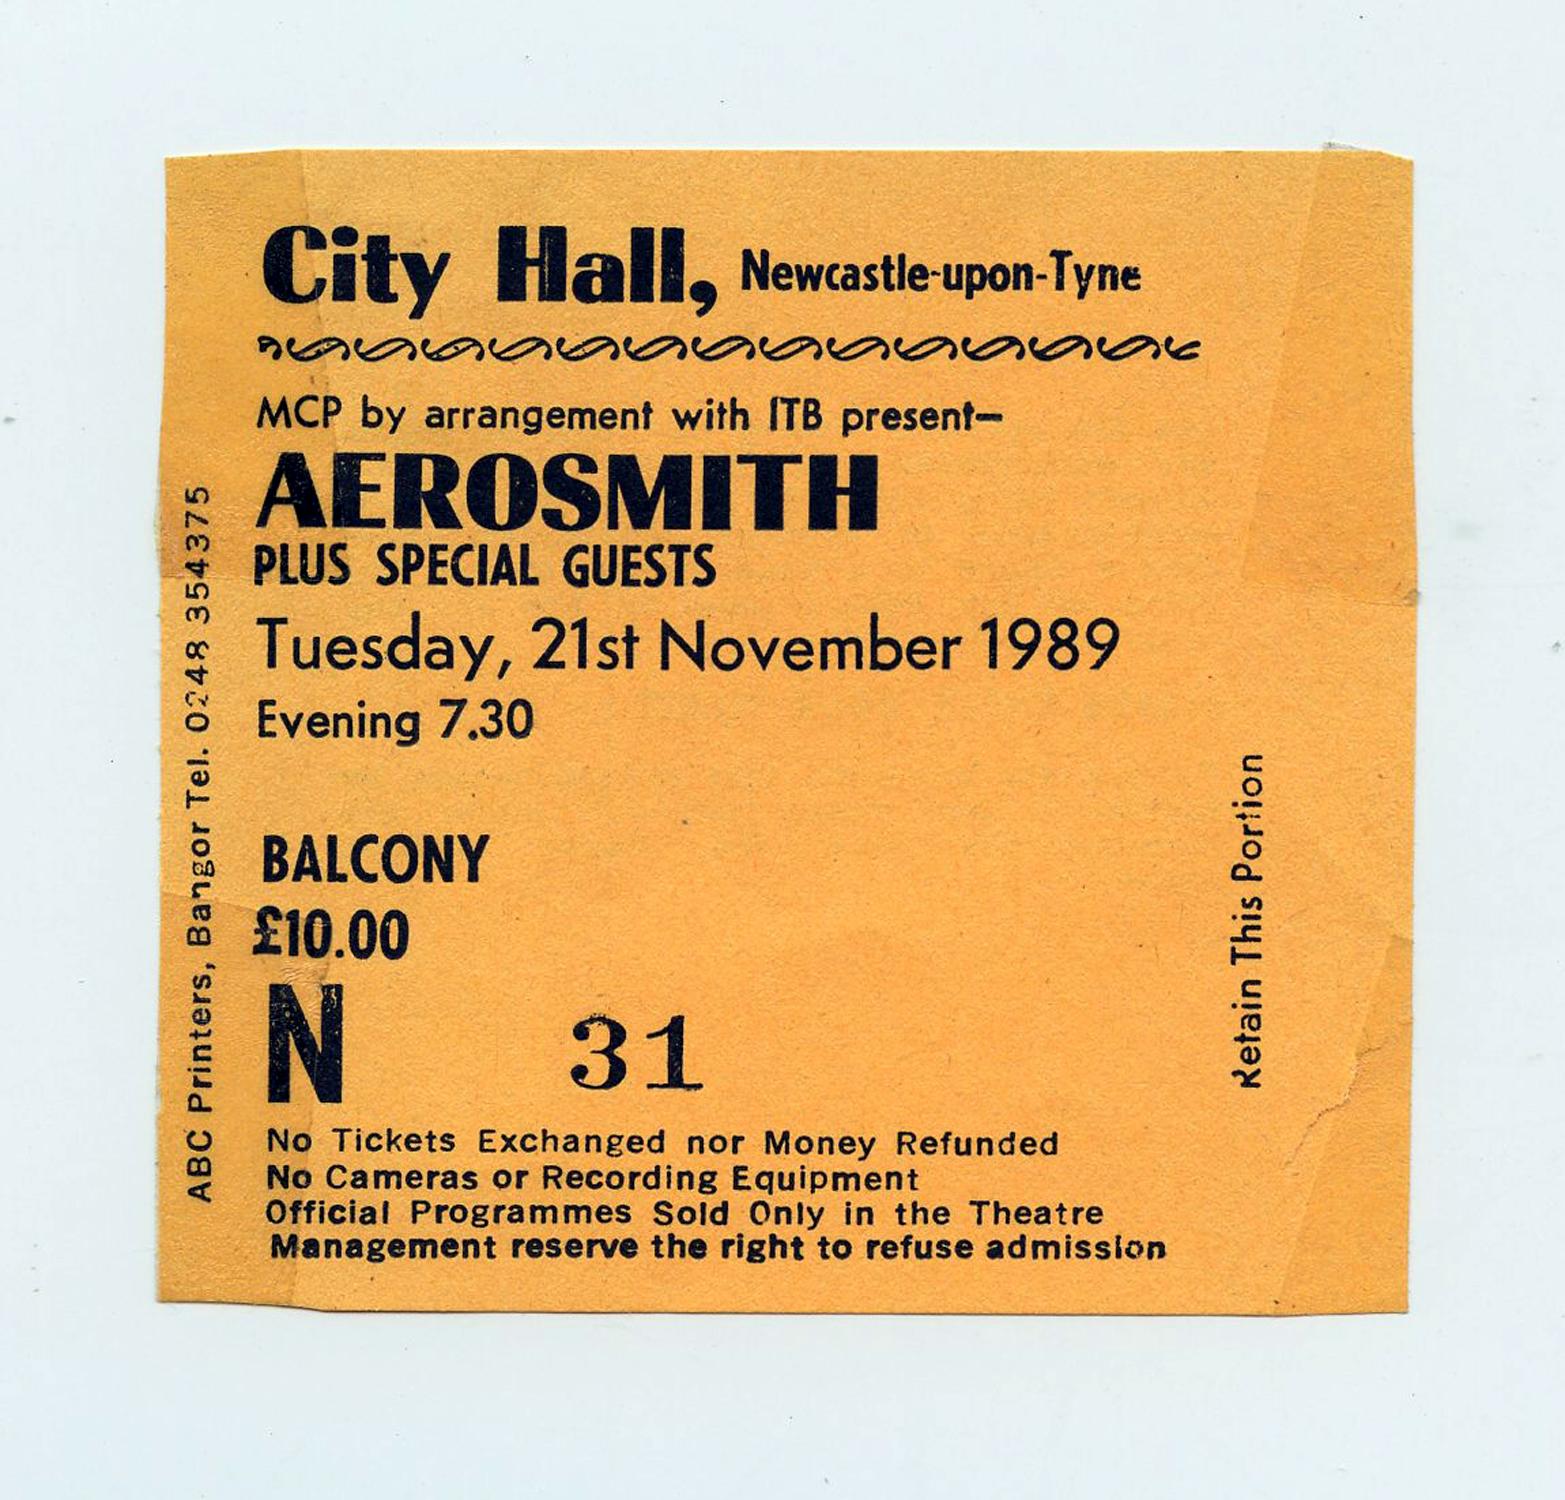 Aerosmith Ticketstub 1989 Nov 21 City Hall Newcastle UK